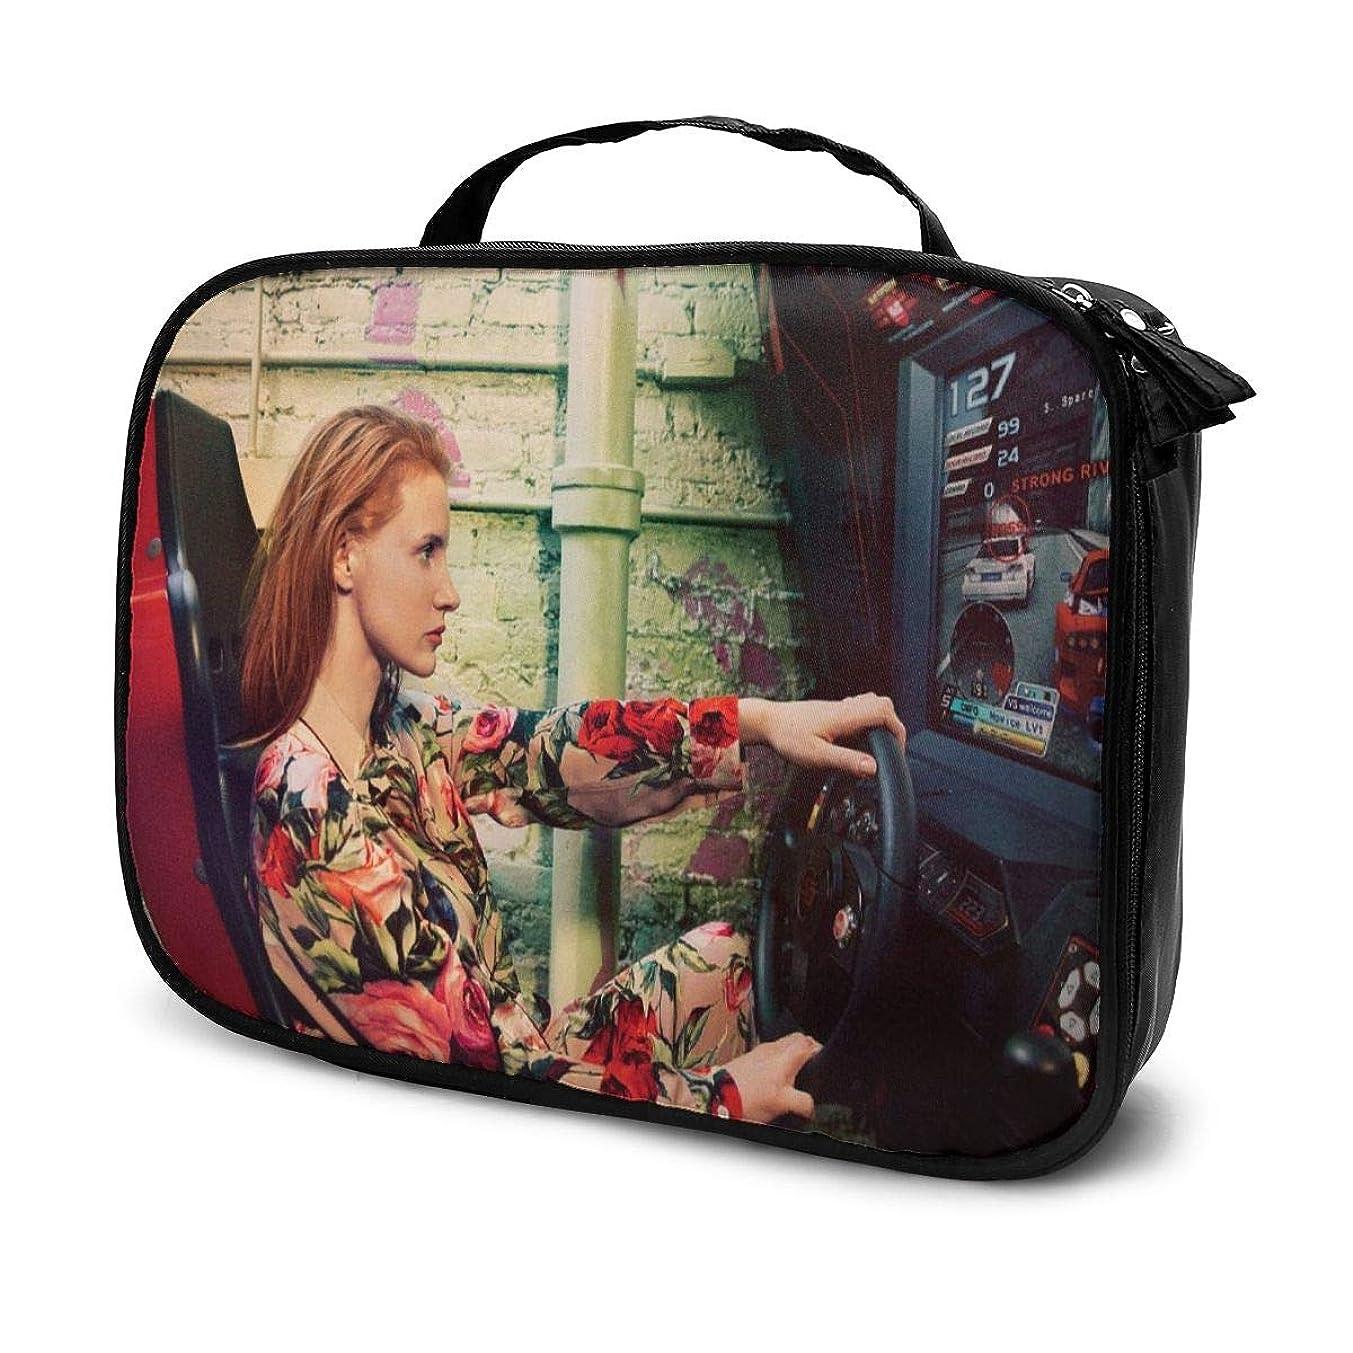 じゃがいも半ば半ば化粧ポーチ 俳優Jessica Chastain 女性化粧品バッグ ビューティー メイク道具 フェイスケアツール 化粧ポーチメイクボックス ホーム、旅行、ショッピング、ショッピング